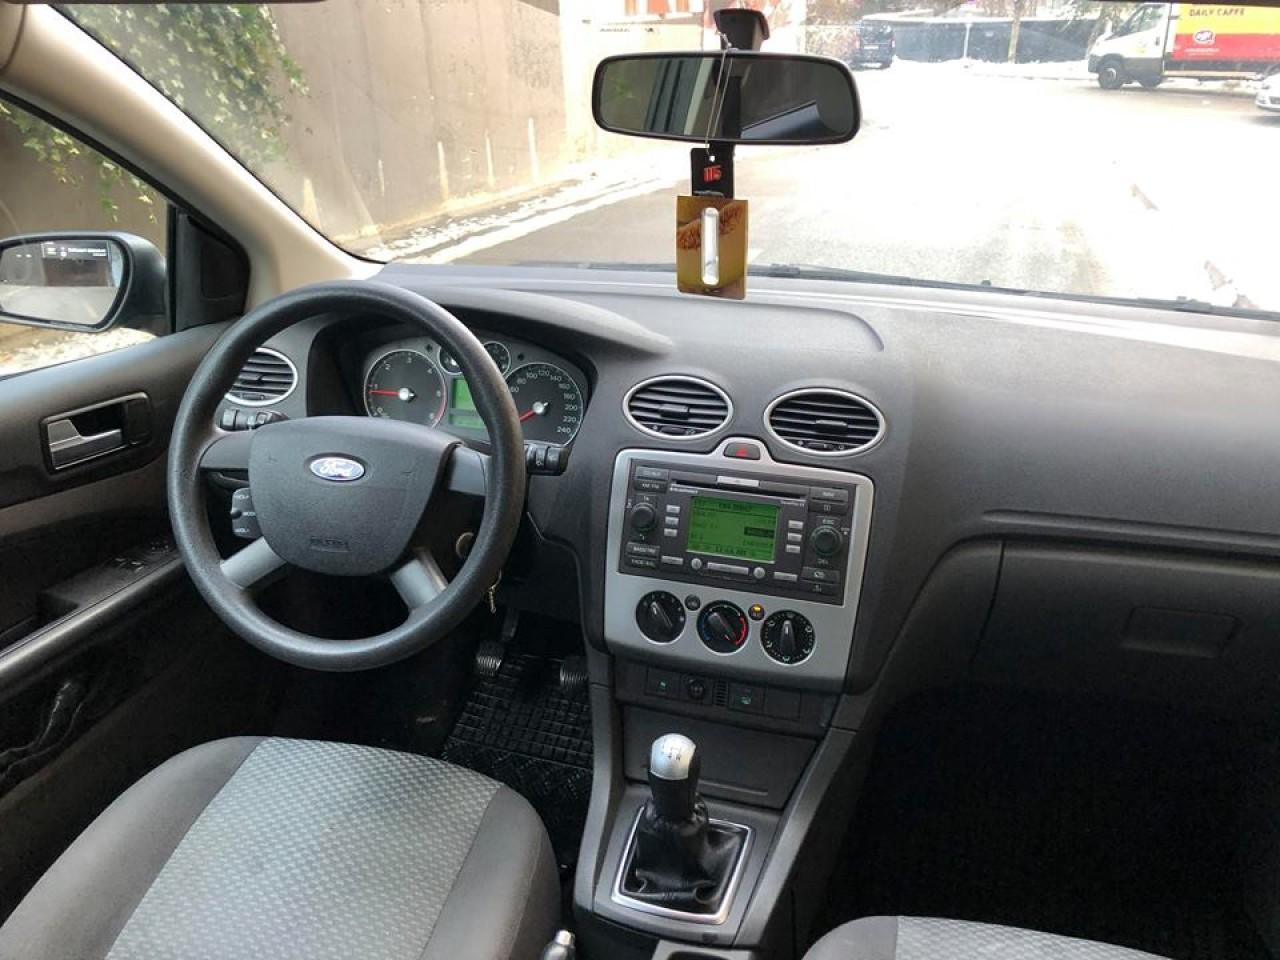 Ford Focus 1.6 Diesel 2007